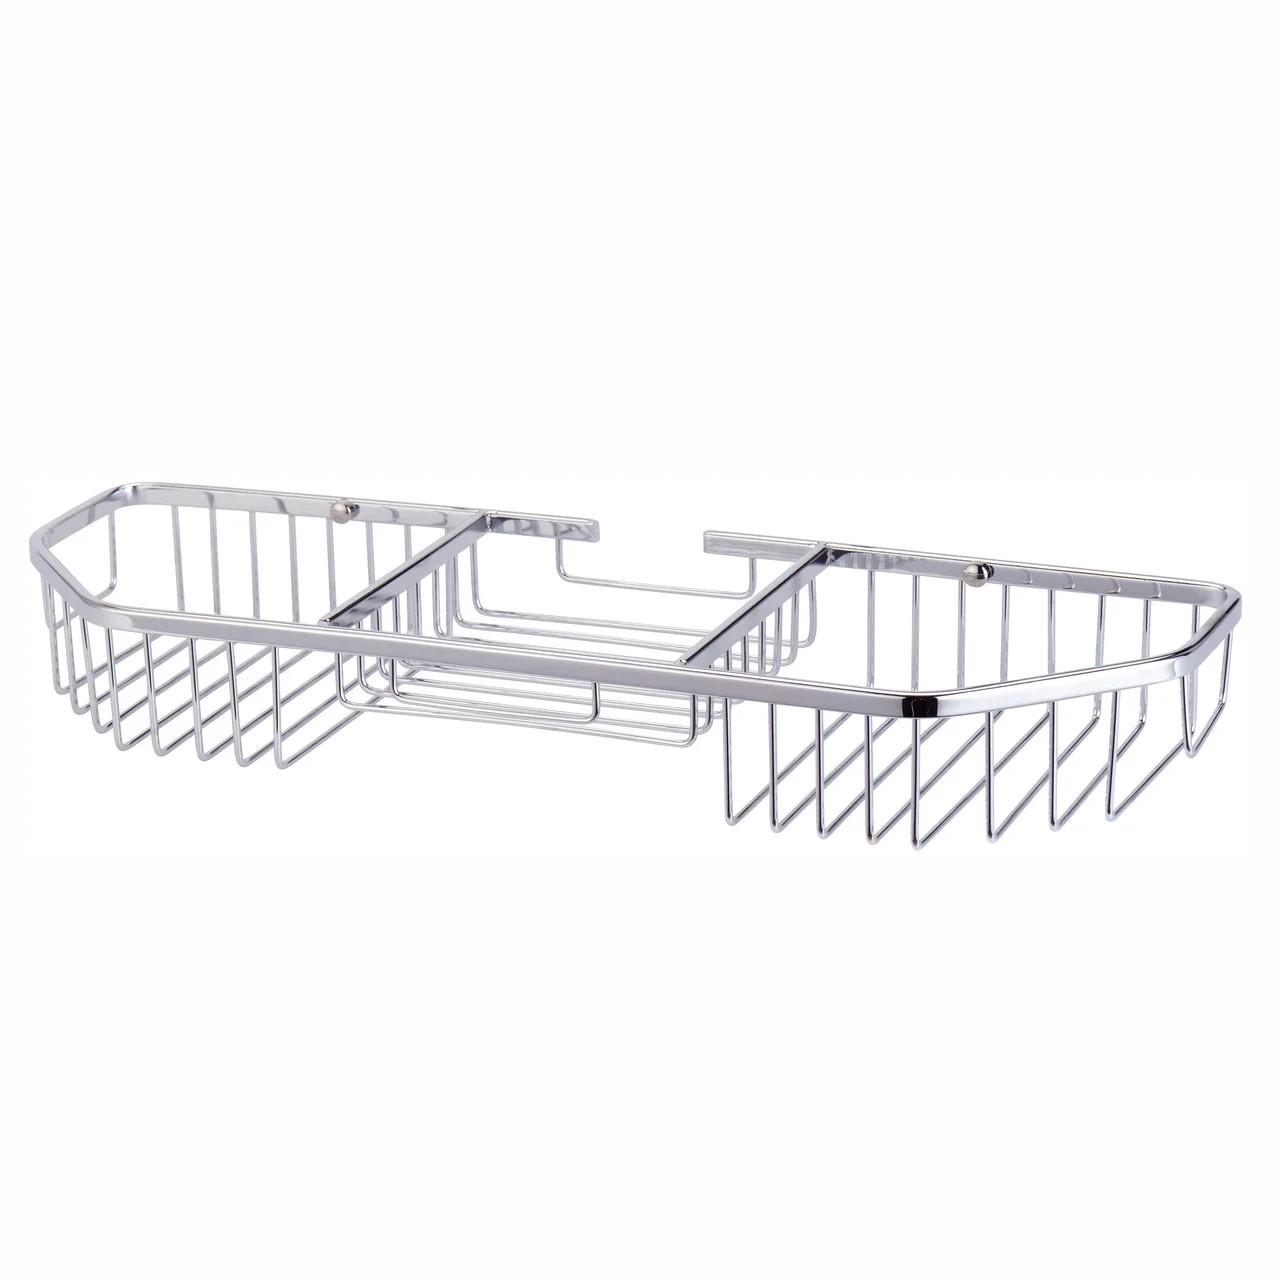 Корзинка для ванной комнаты из хромированной стали Besser KM-8506